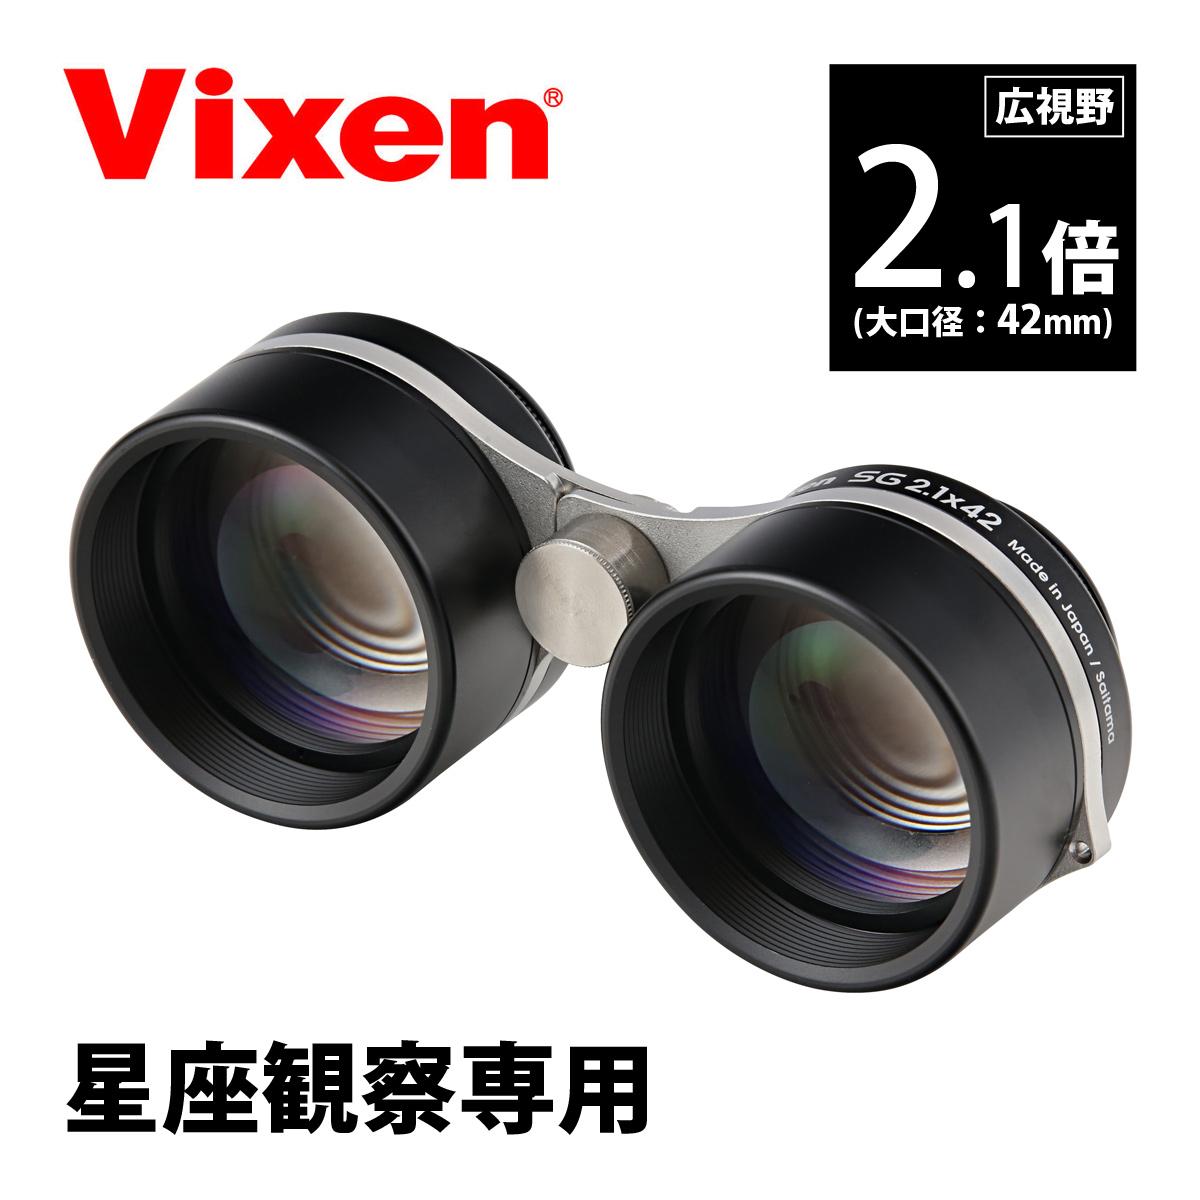 星座観察用 双眼鏡 SG2.1x42 星座観察に特化 19172-7 VIXEN ドーム コンサート ライブ 天体観測 子供